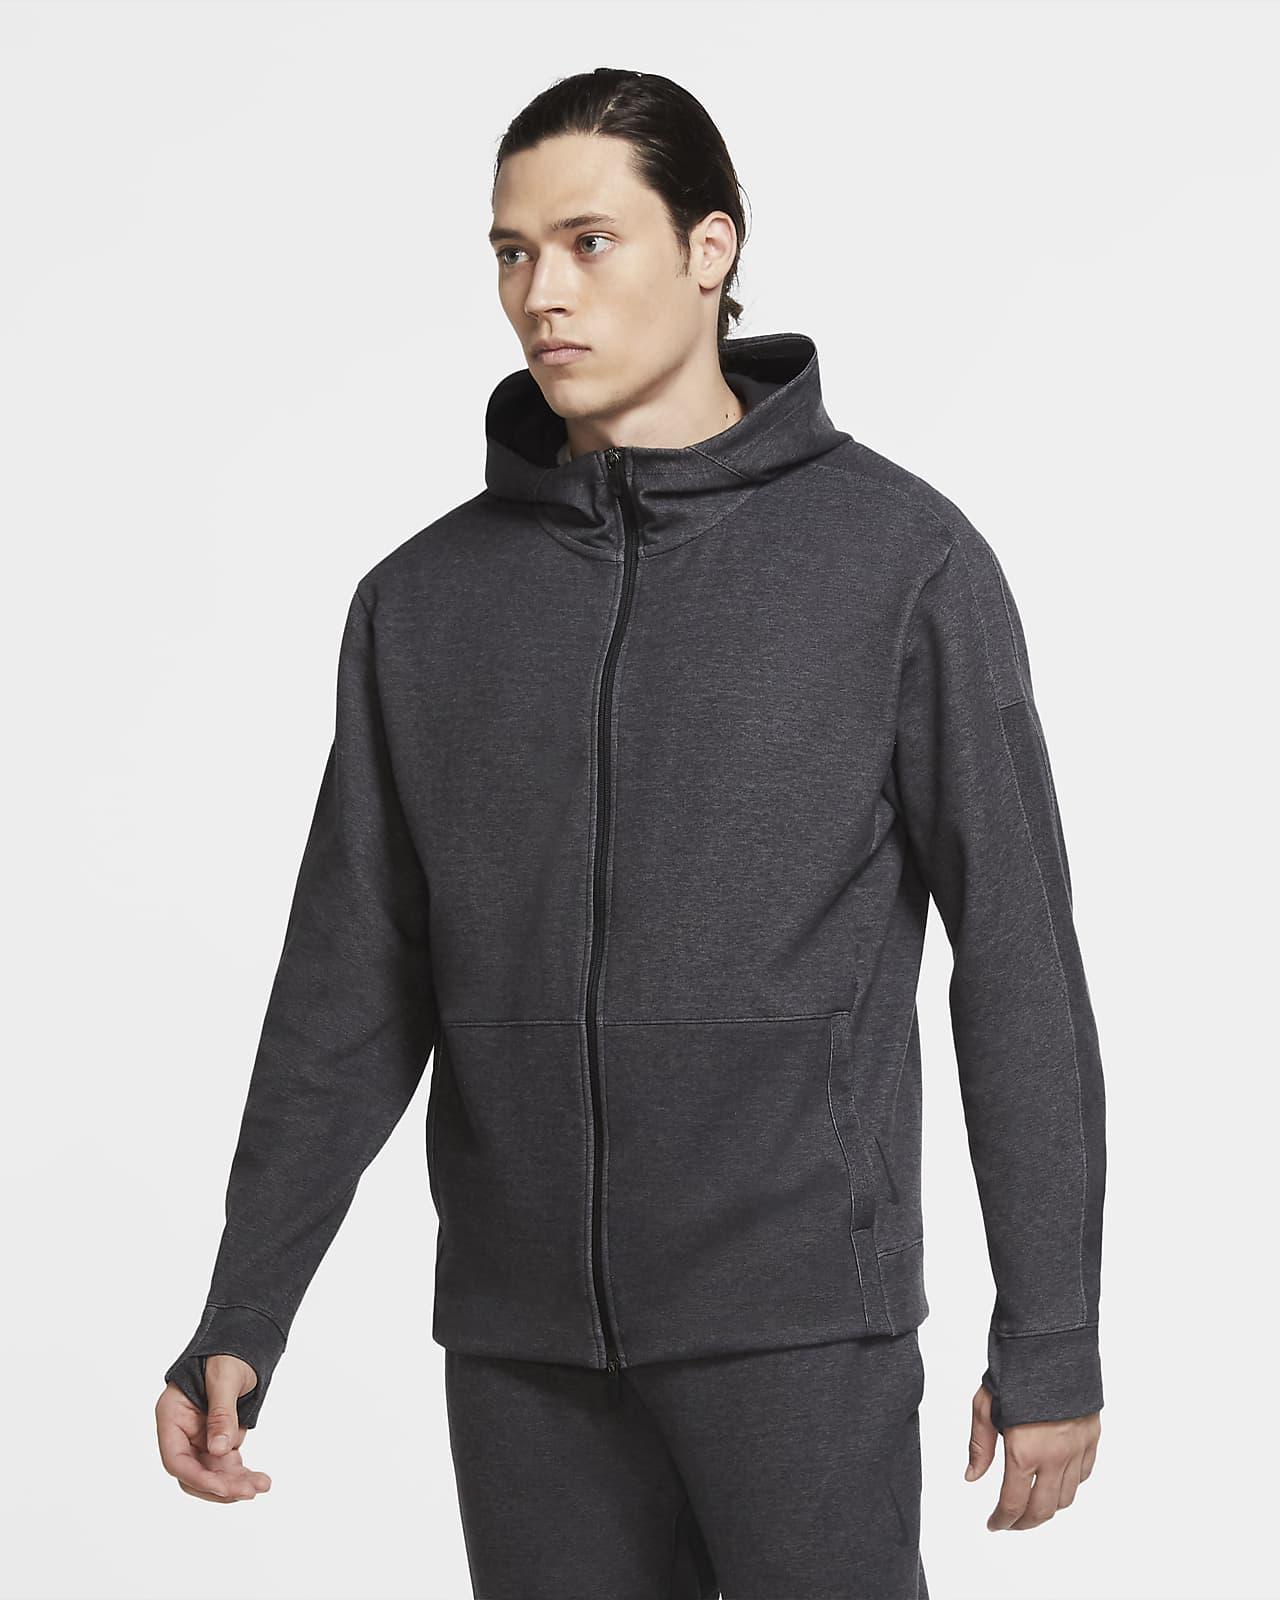 Pánská mikina Nike Yoga s kapucí a zipem po celé délce